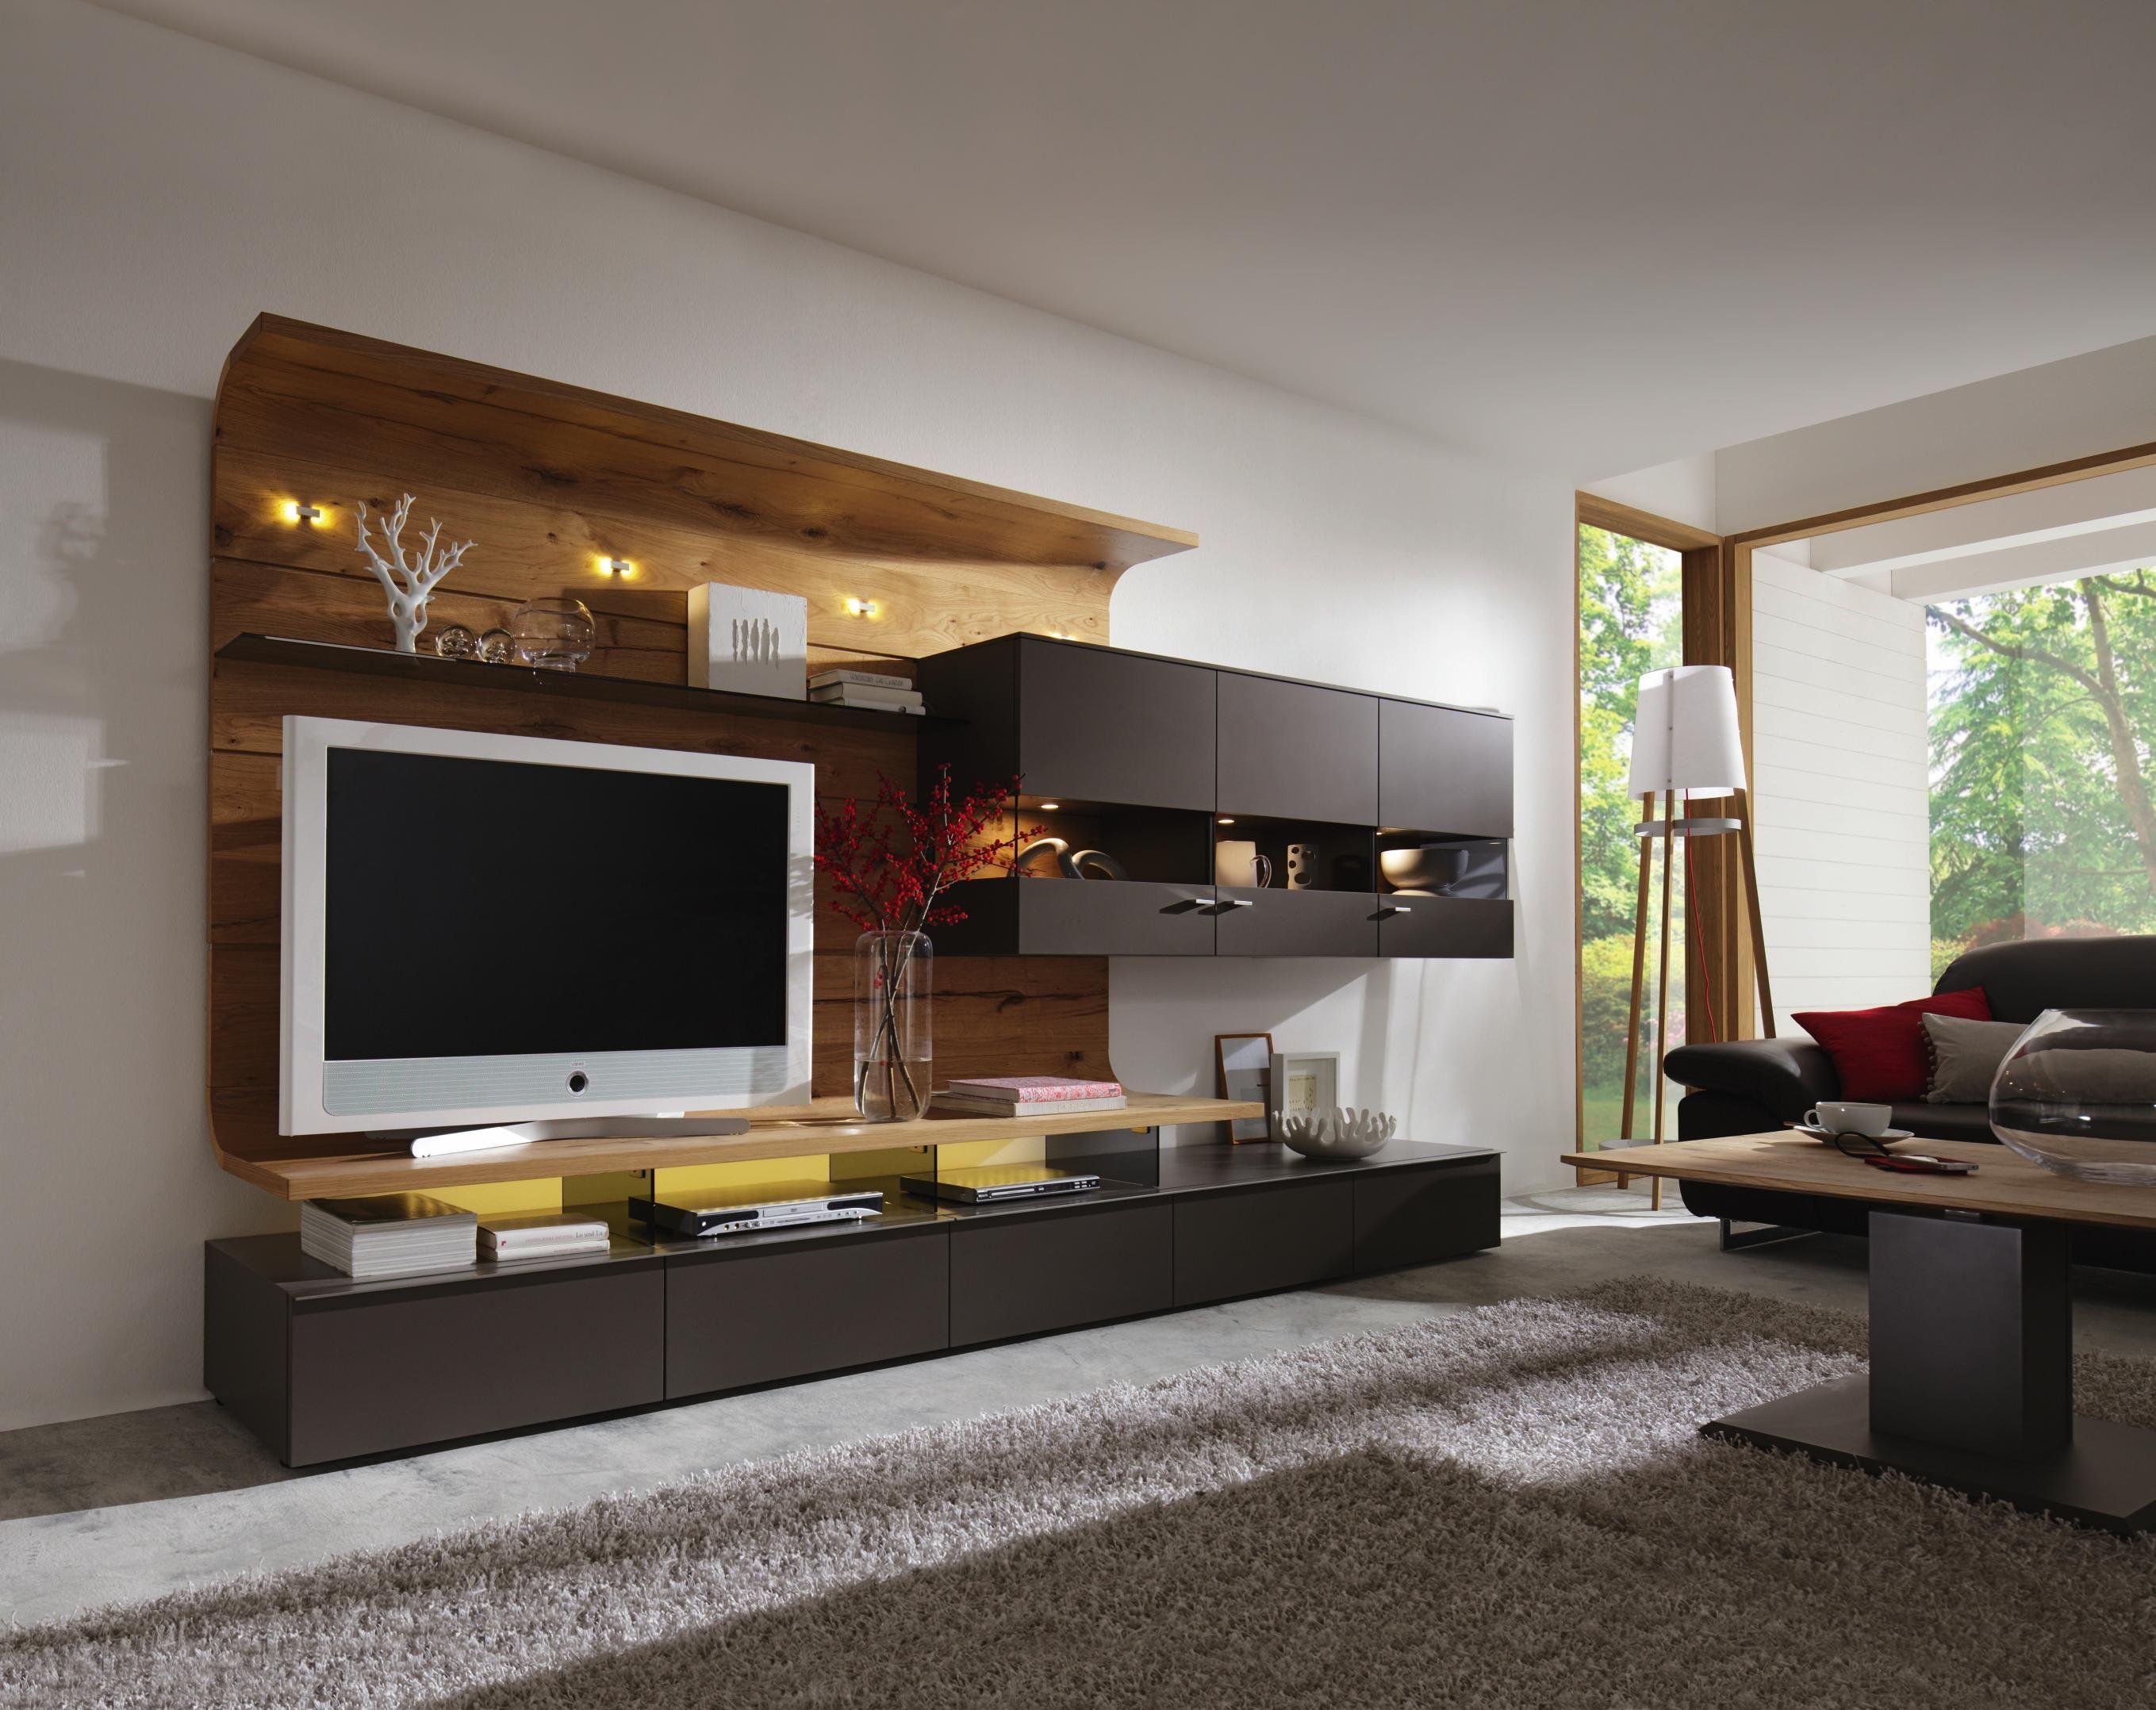 Fabelhaft Hochwertige Wohnwand Beste Wahl - Die Geschmackvolle Einrichtungsidee Aus Furnierter Eiche